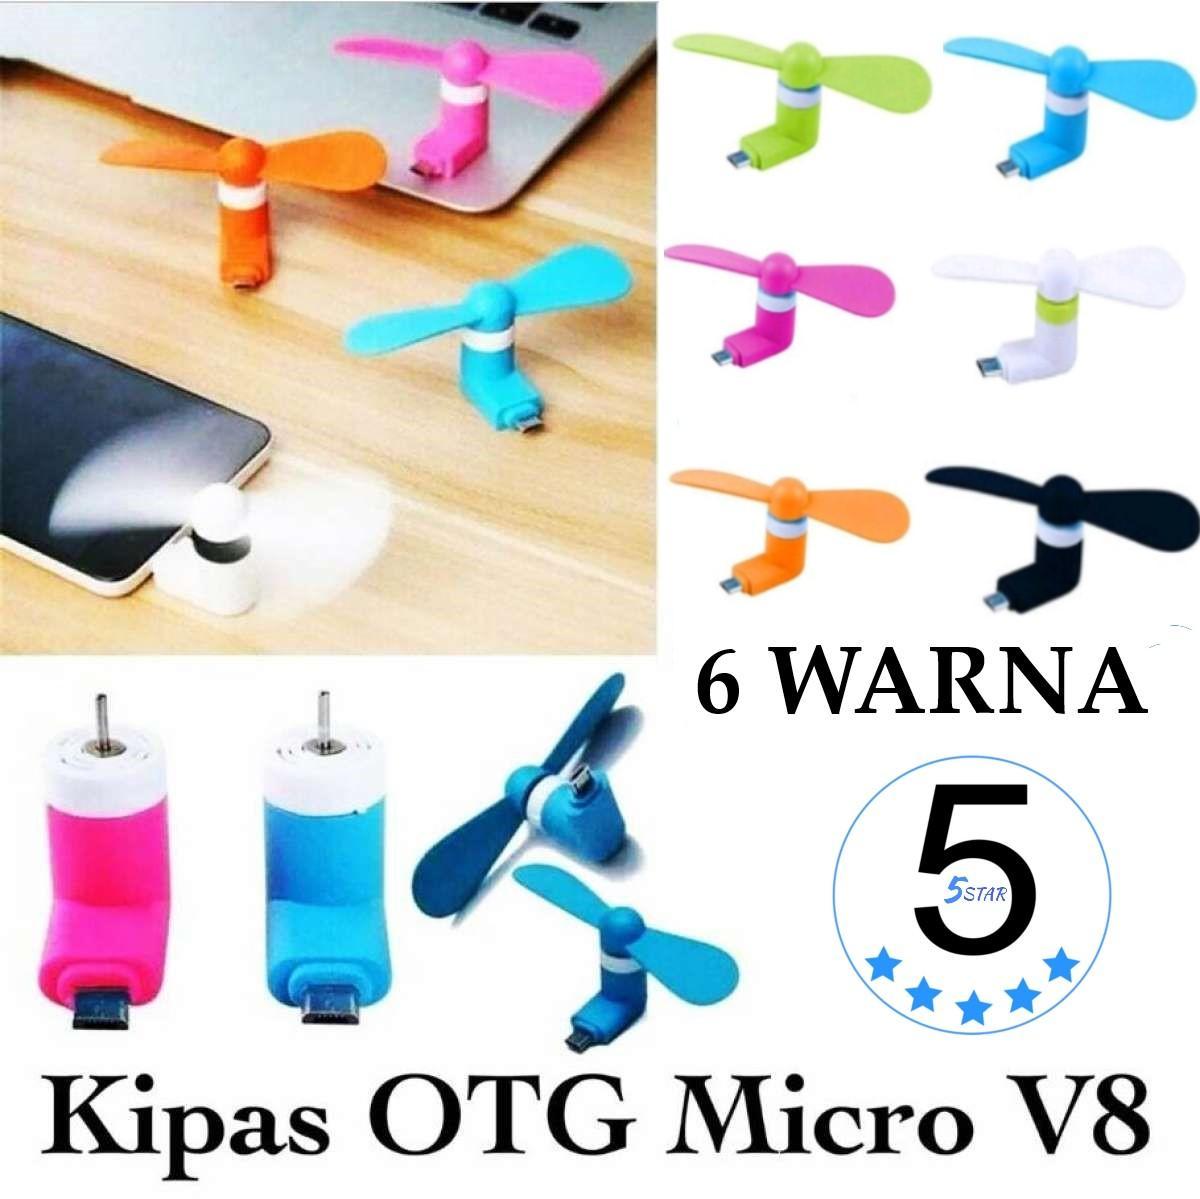 Mini Fan Micro USB OTG V8 - Kipas Angin Mini Handphone Portable - 5 STAR